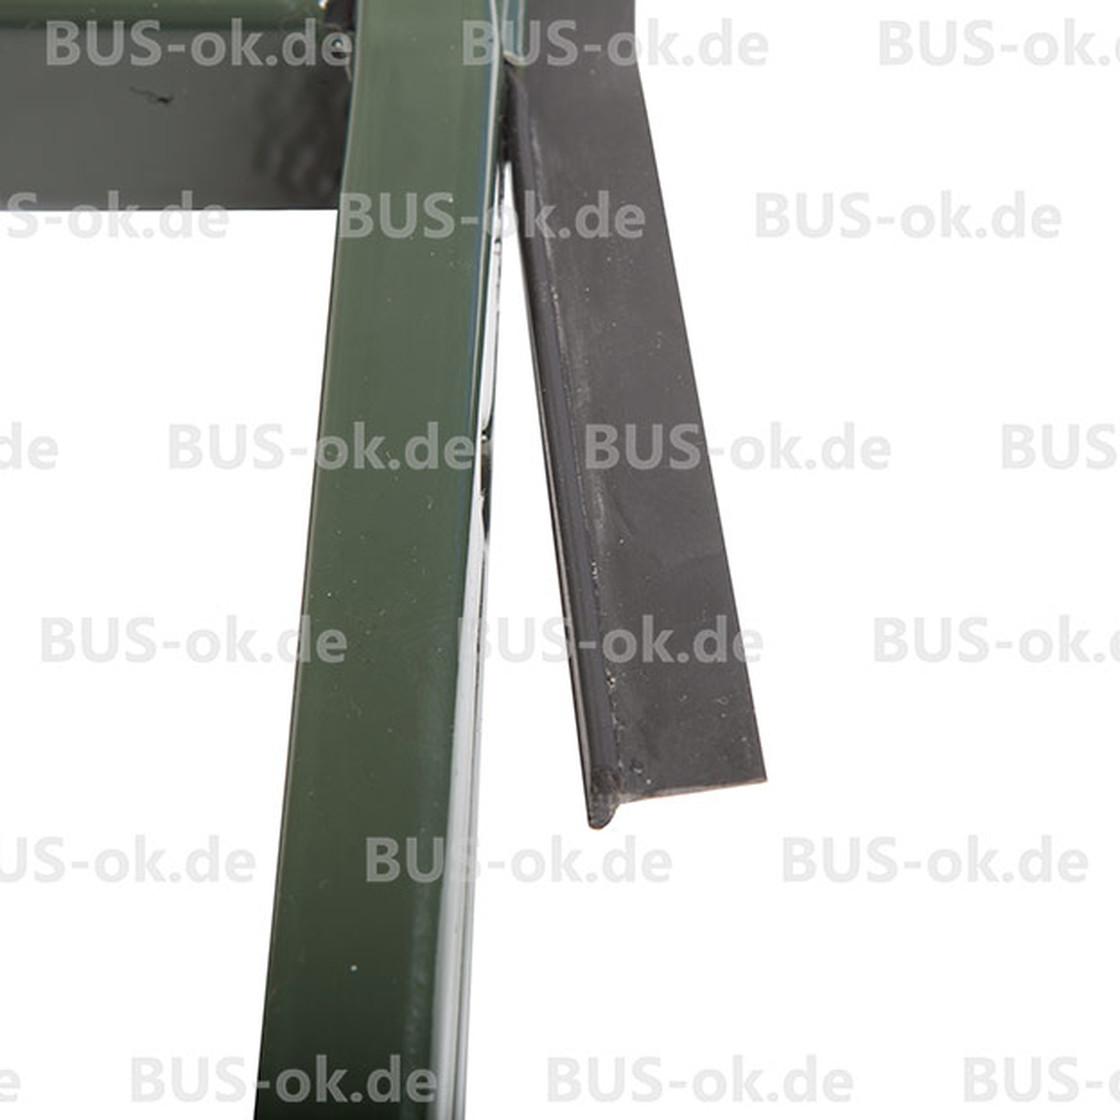 T1 Dichtung um Türfensterrahmen aussen Verglnr. 211837835 A - BUS-ok ...